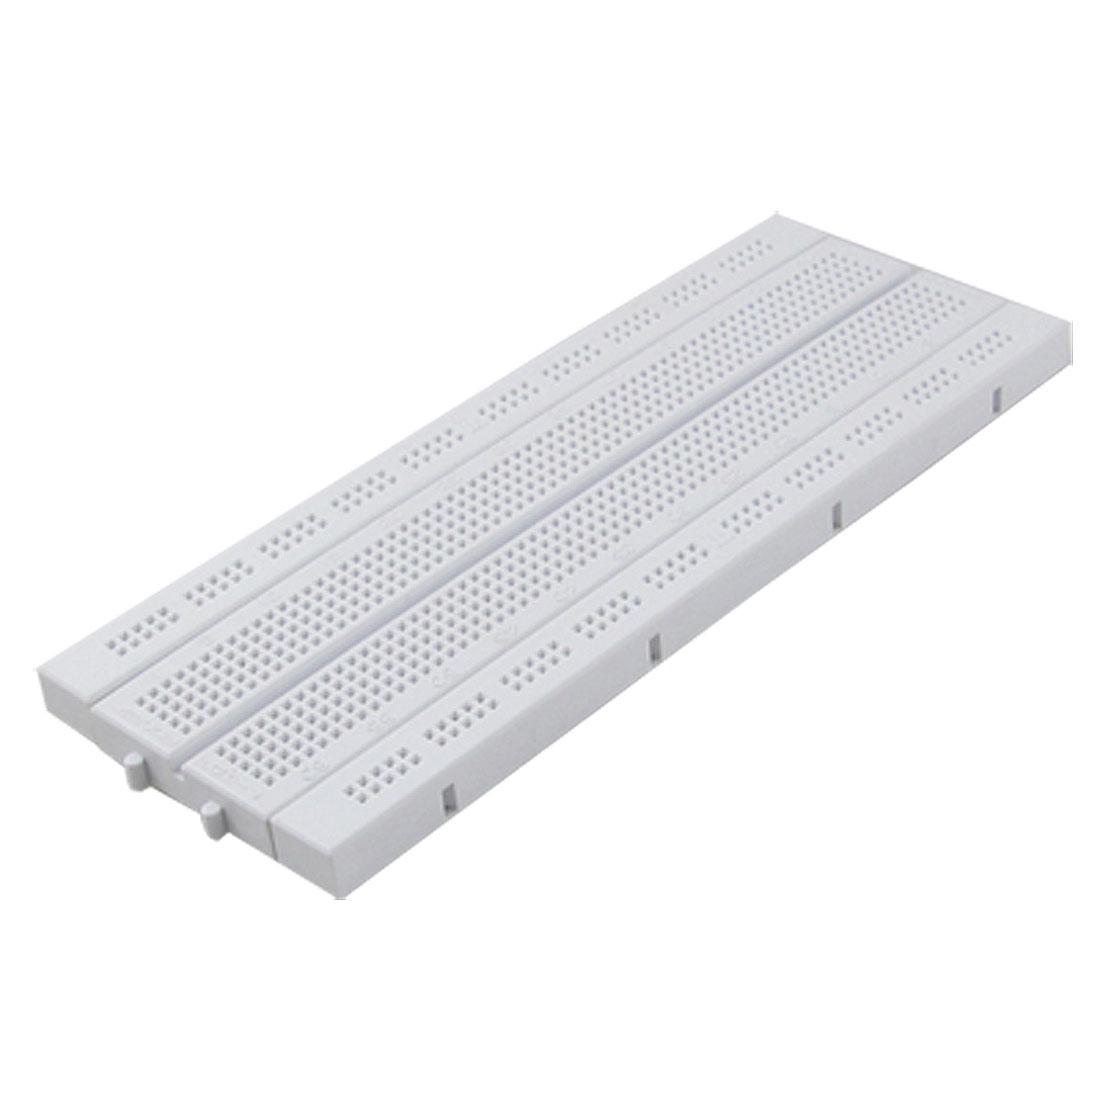 White Rectangular PCB Prototype Solderless Breadboard 840 Points